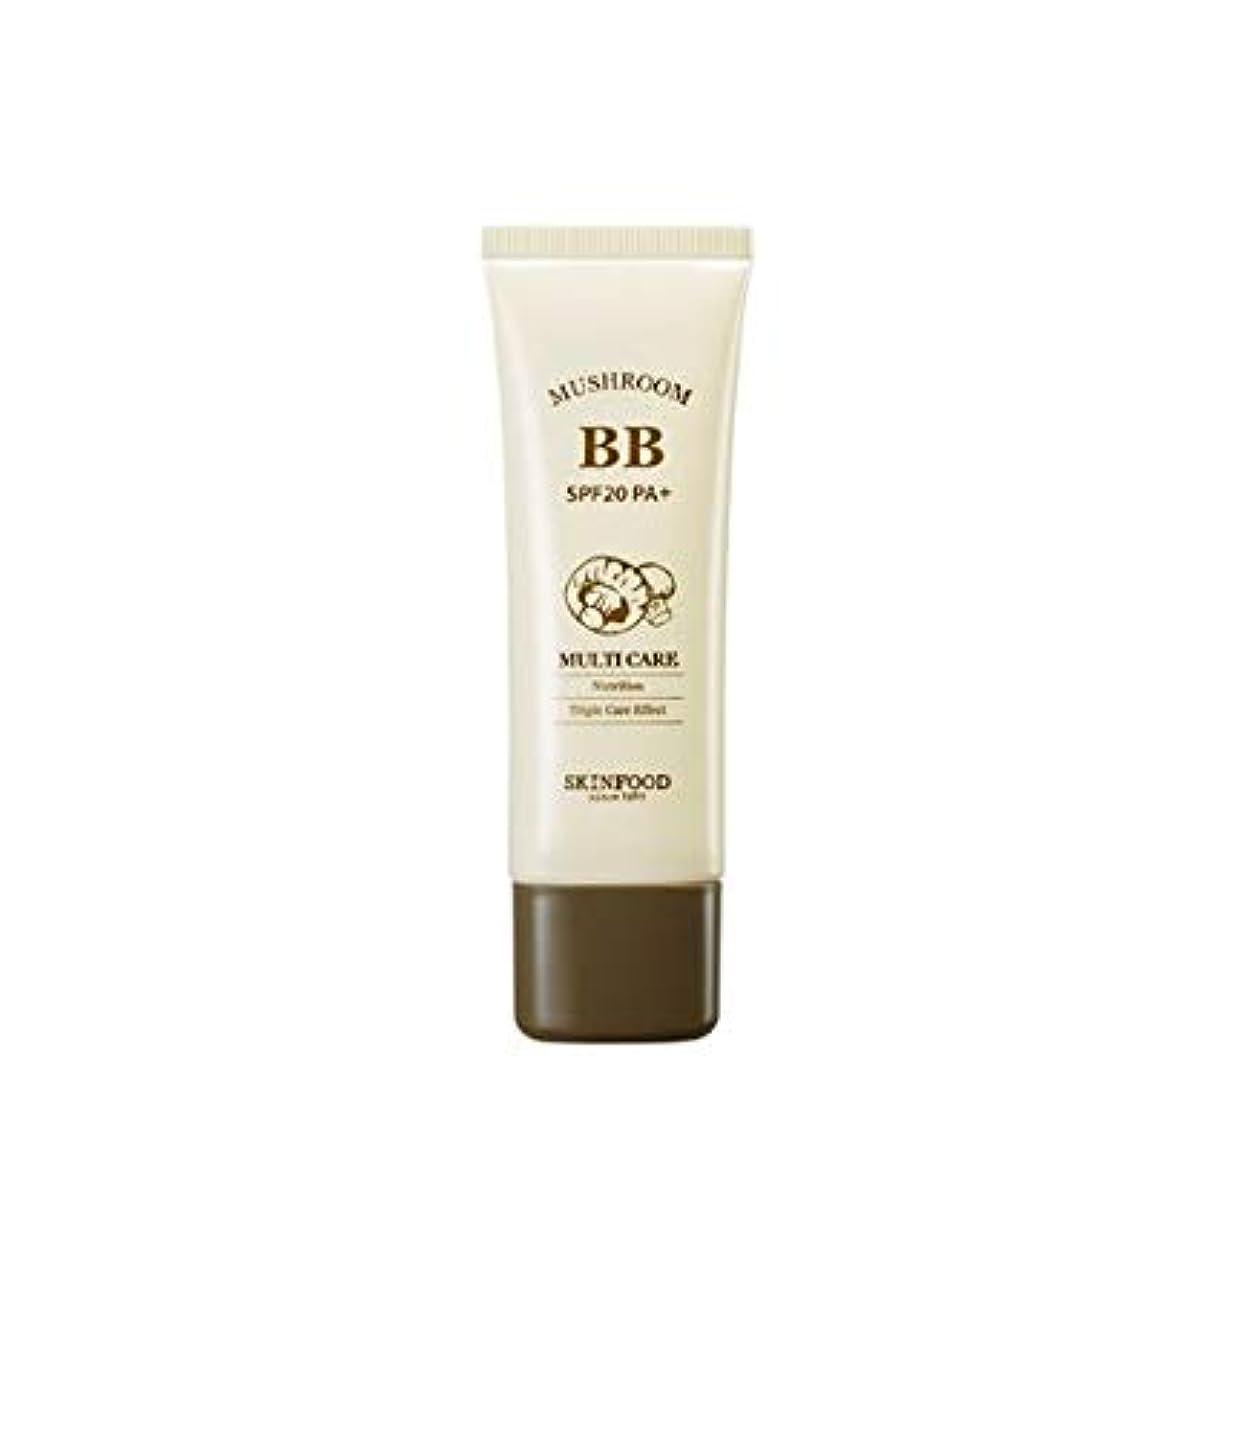 事前まだおなかがすいたSkinfood マッシュルームマルチケアBBクリームSPF20 PA +#No. 1ブライトスキン / Mushroom Multi Care BB Cream SPF20 PA+# No. 1 Bright Skin...